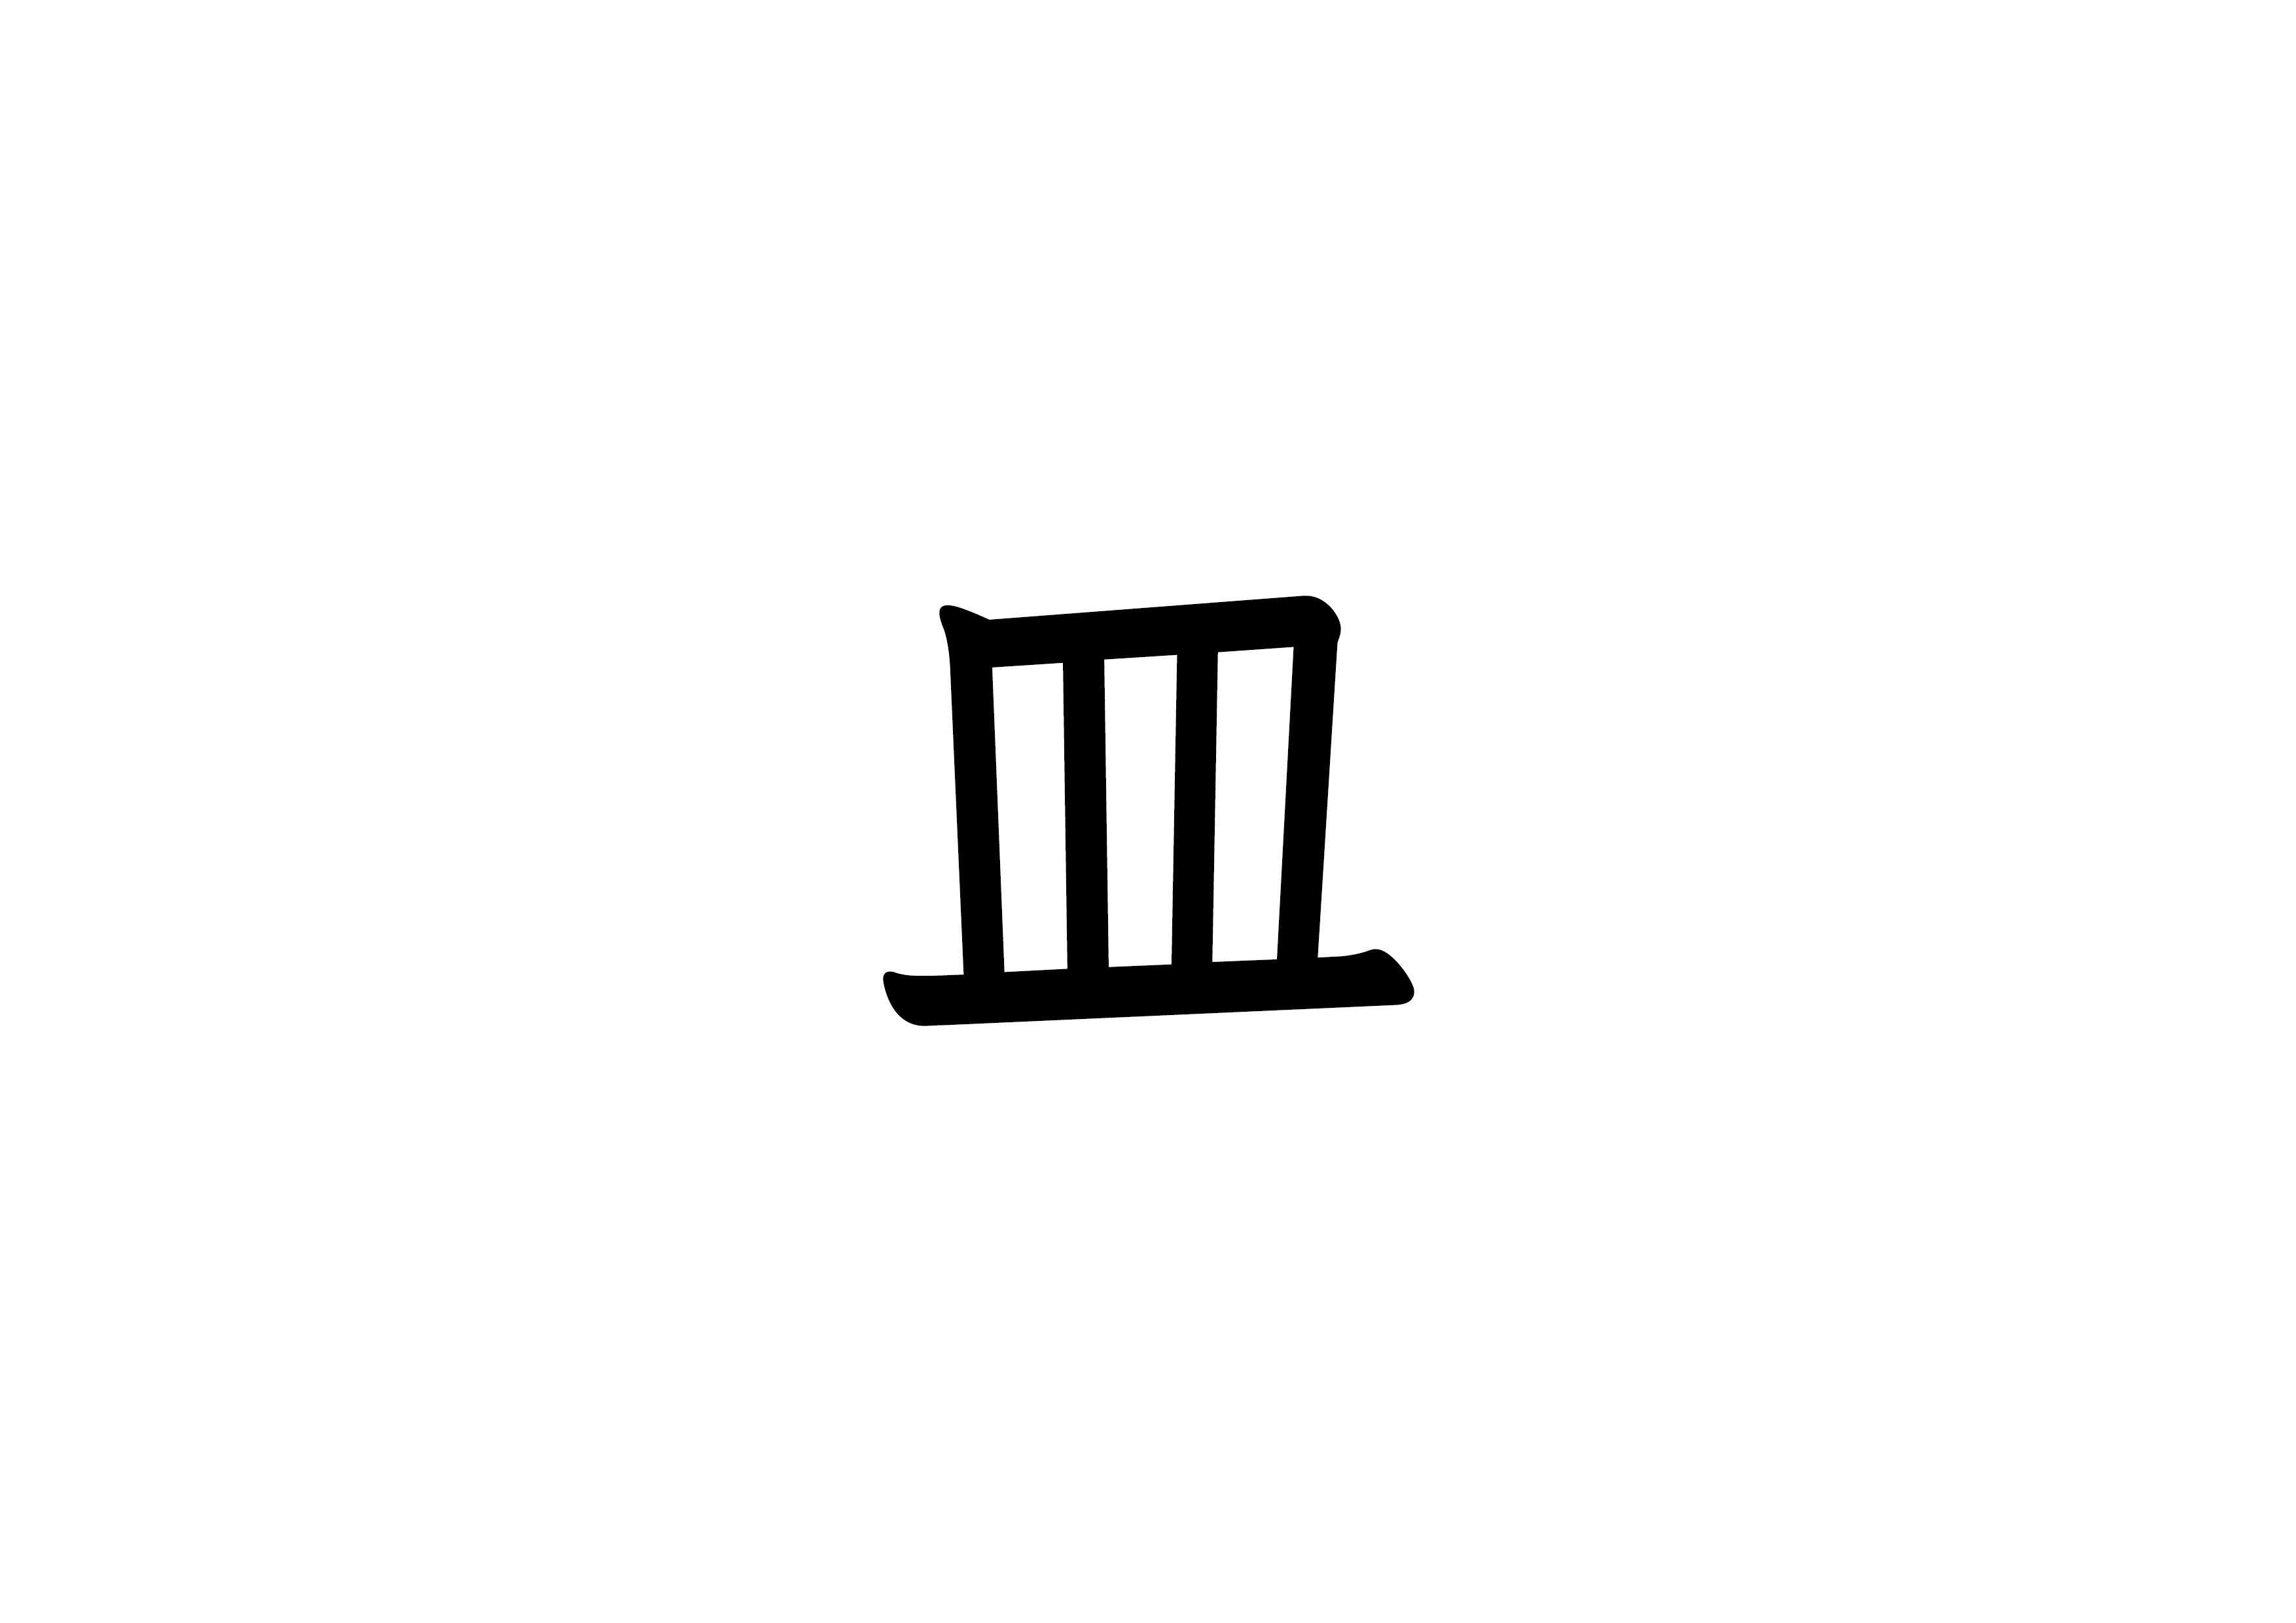 29課文字カード【皿】